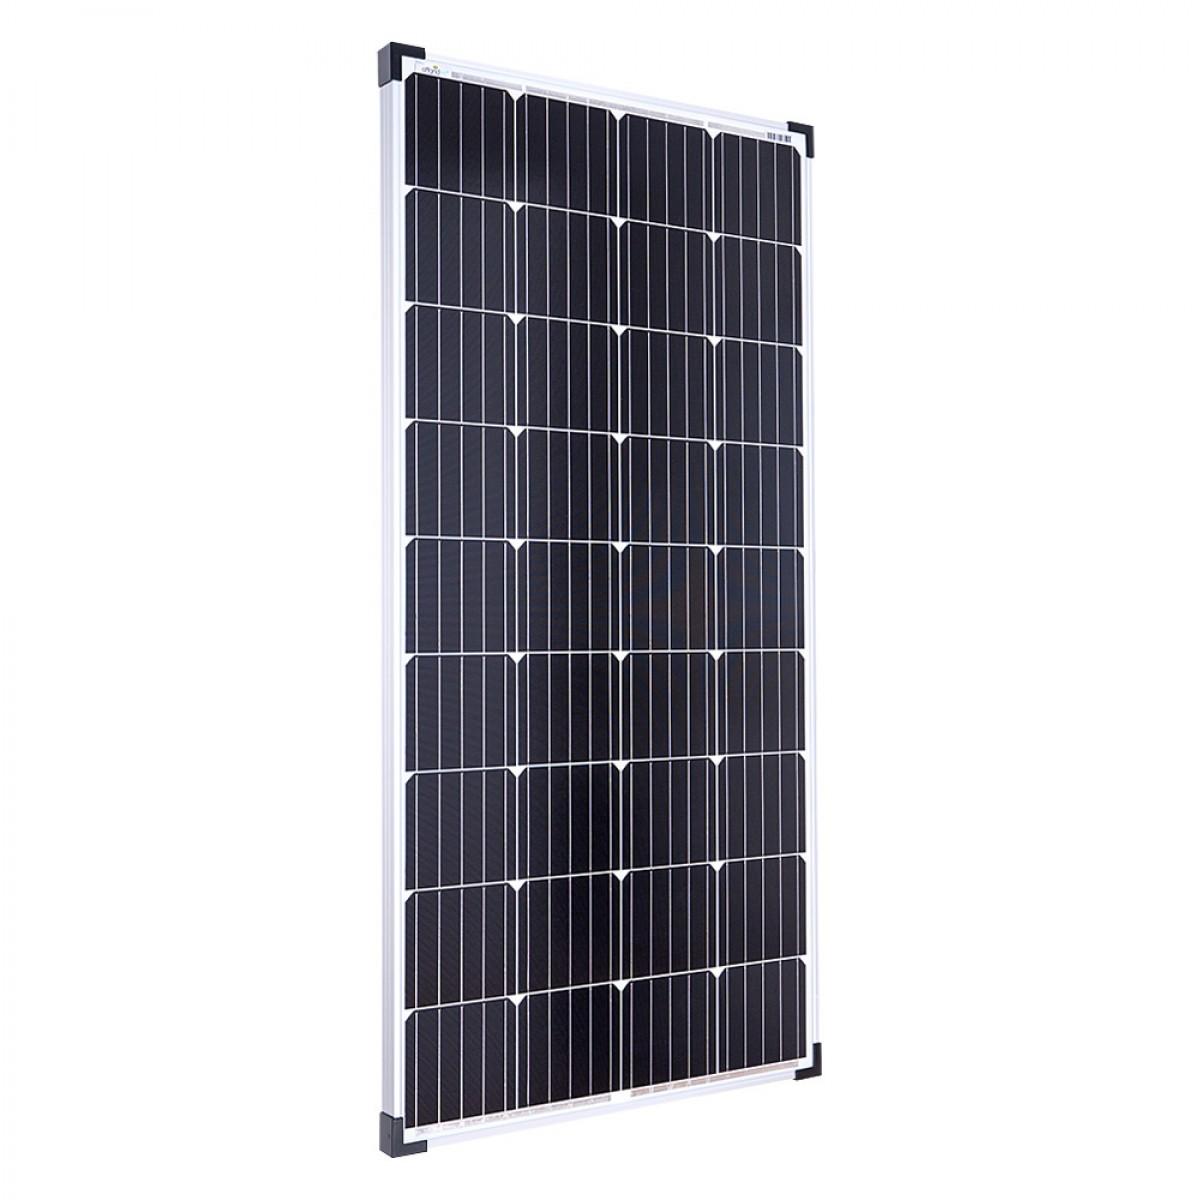 Offgridtec Solarmodul 130Wp 1